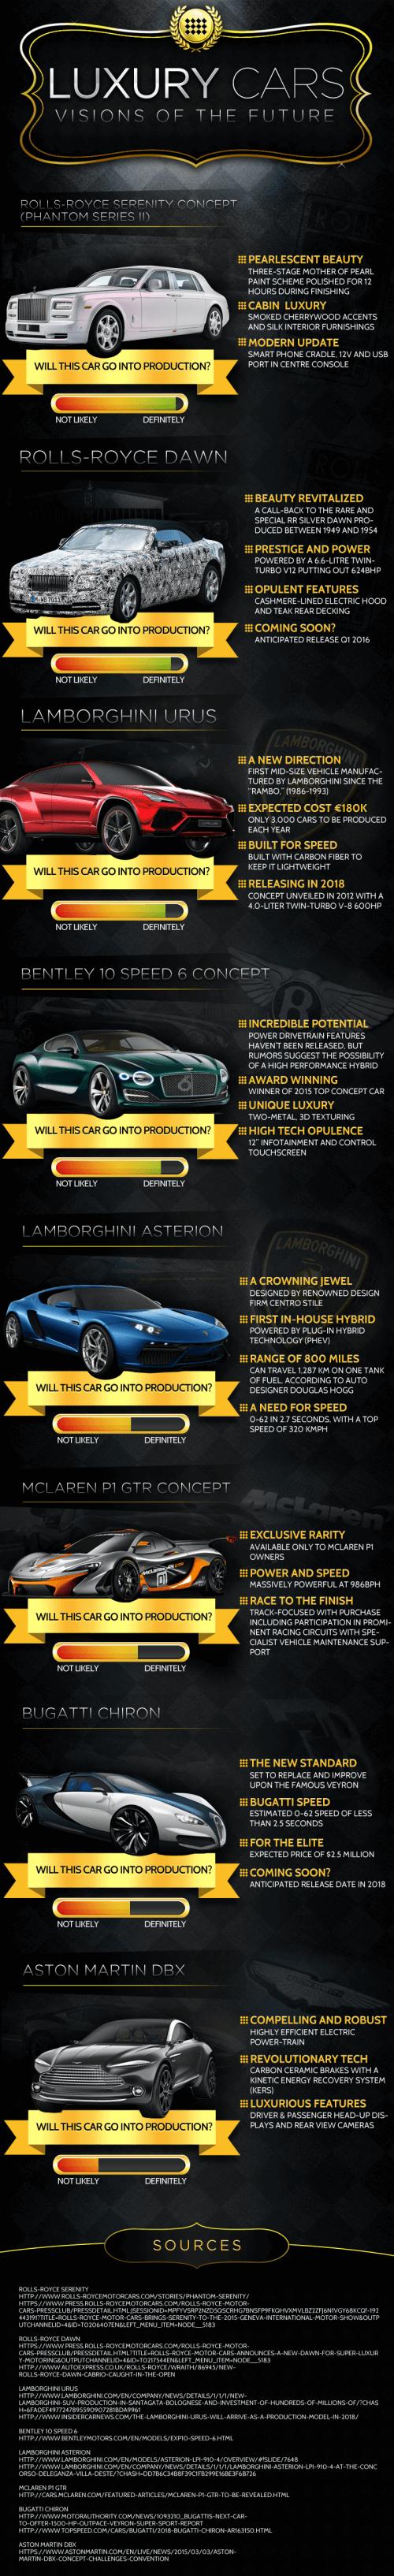 Luxury-future-IGC800